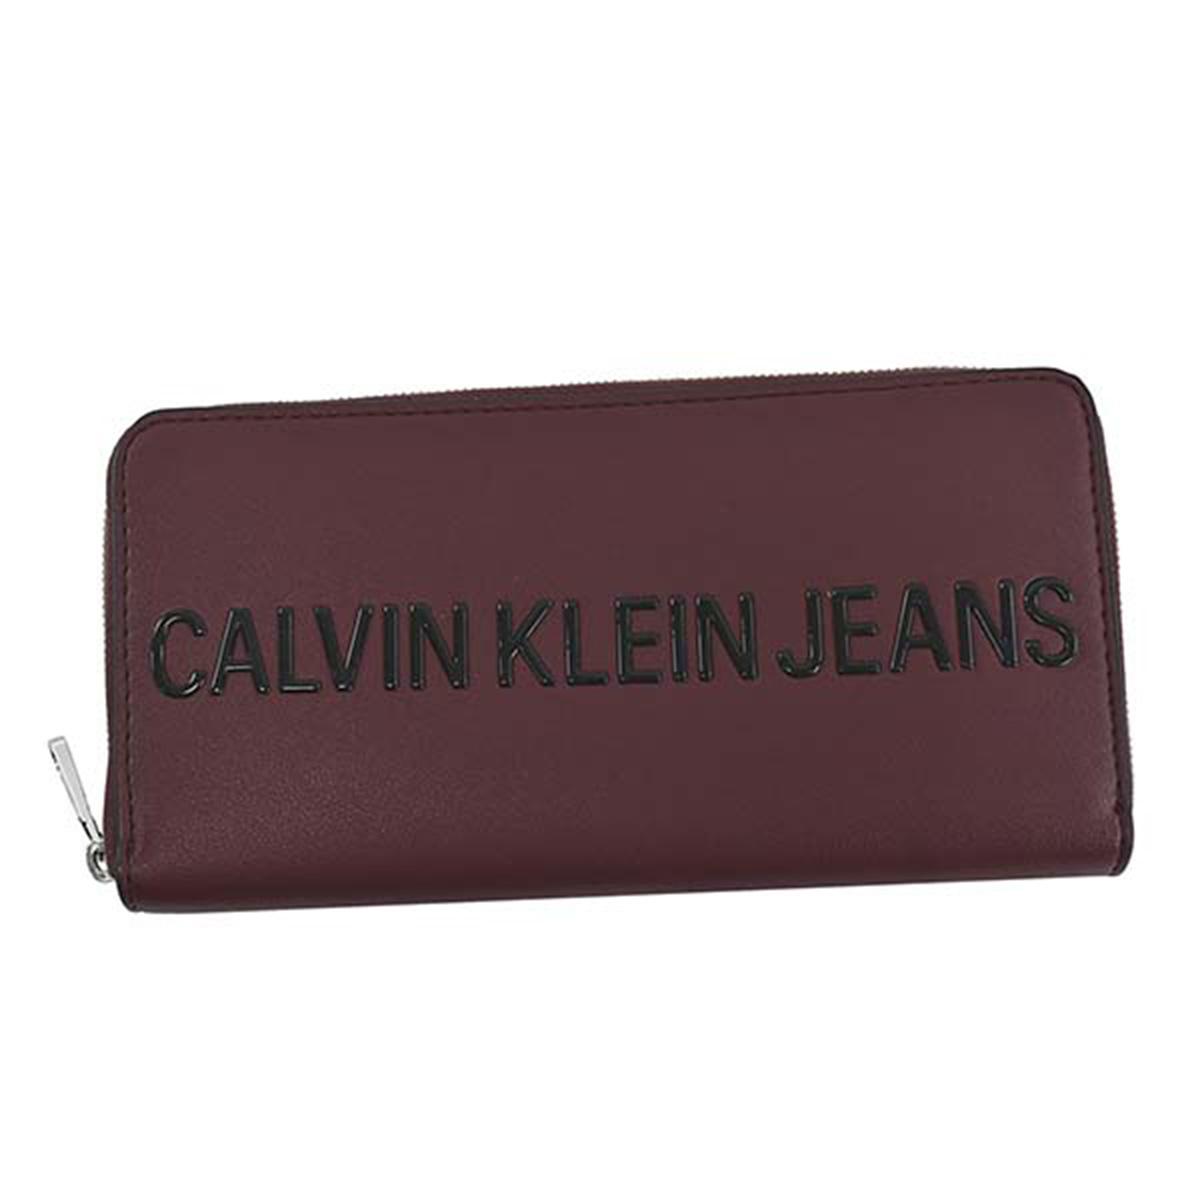 カルバンクラインジーンズ Calvin Klein Jeans CK 長財布 K60K605900 RED SCULPTED ZIP AROUND スカルプト ジップ アラウンド レッド系 ラウンドファスナー 財布